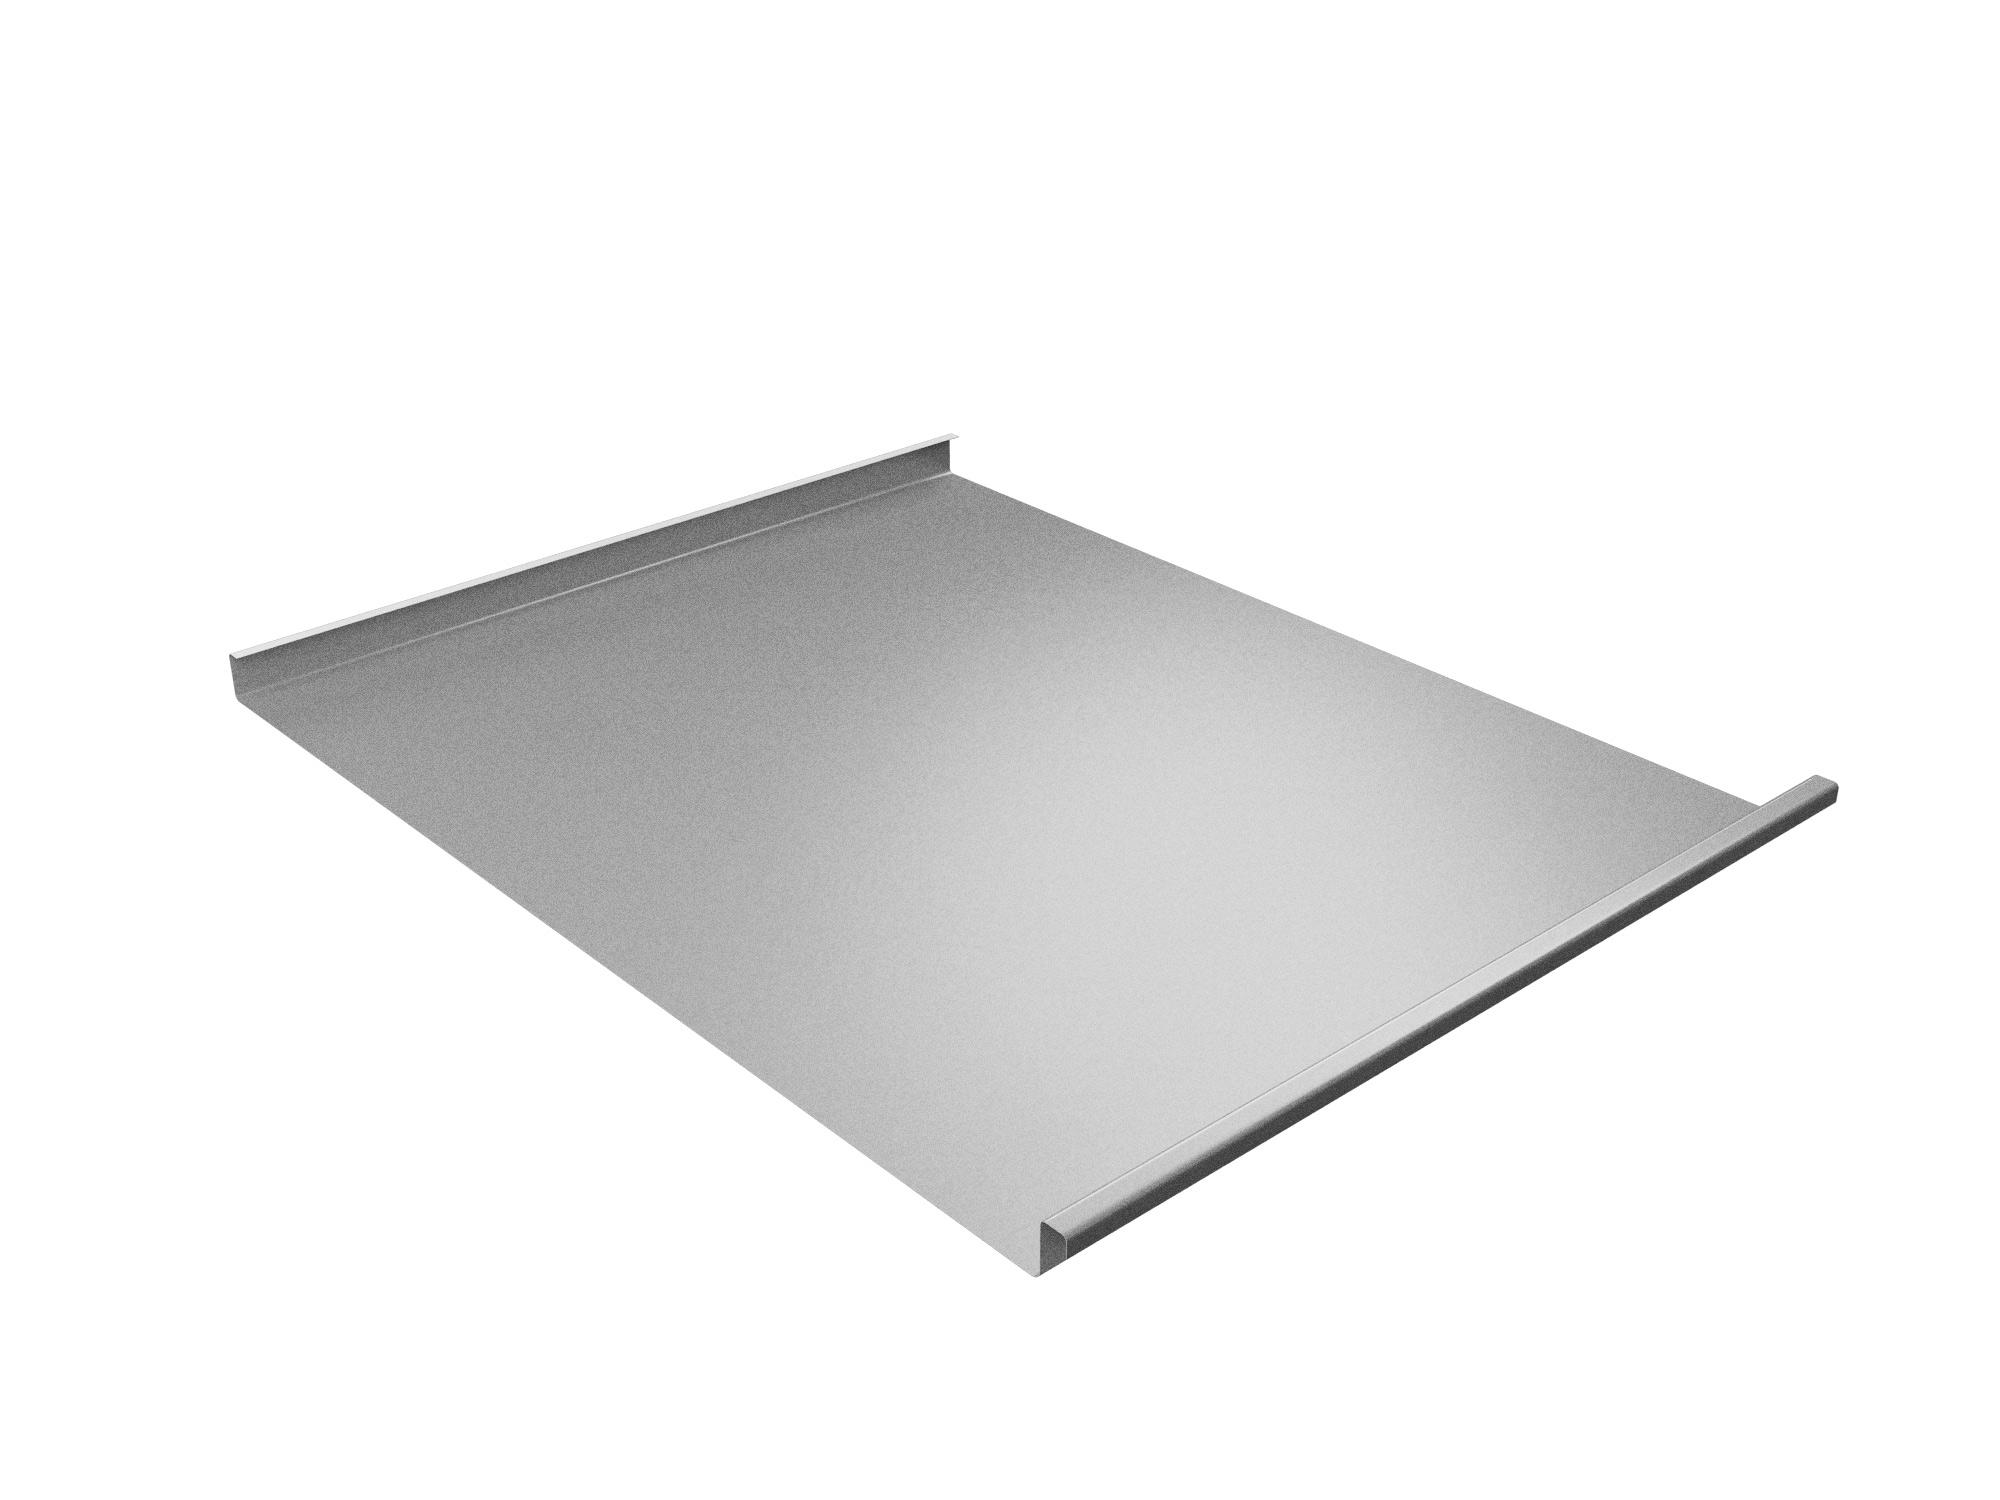 Панель двойной стоячий фальц Grand Line 0,55 мм, Zn